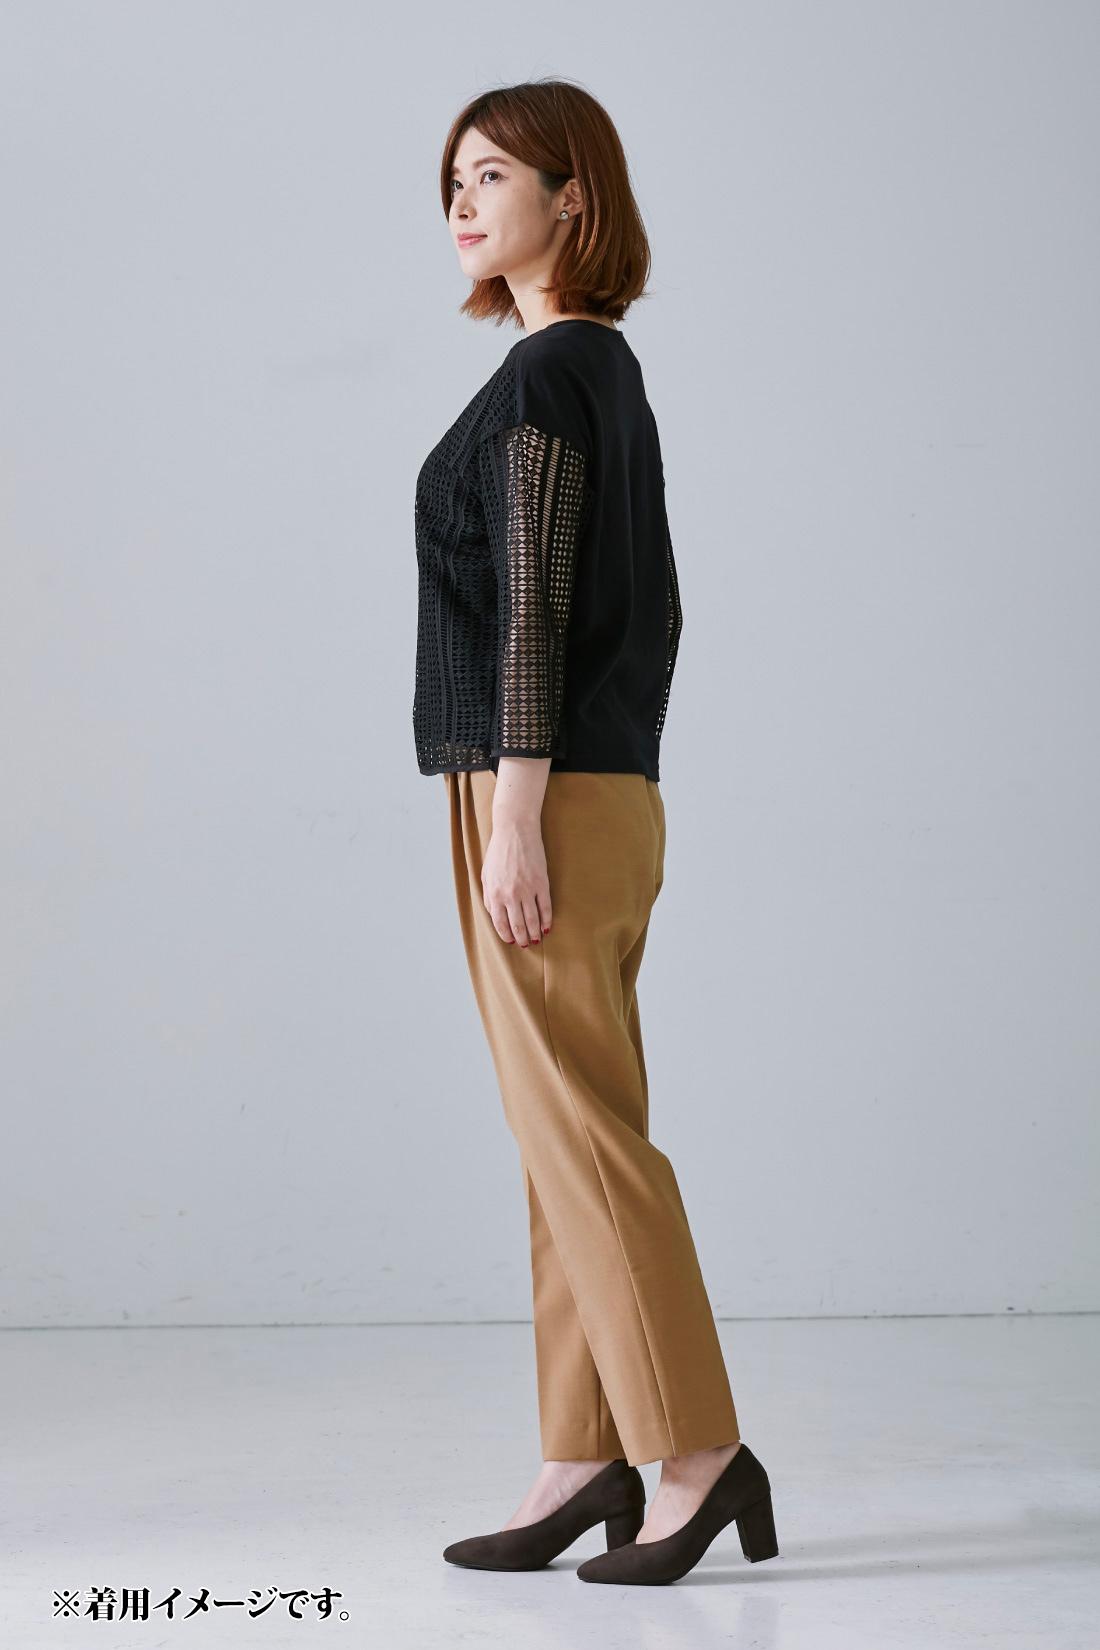 モデル身長:167cm 着用サイズ:M ※着用イメージです。お届けするカラーとは異なります。